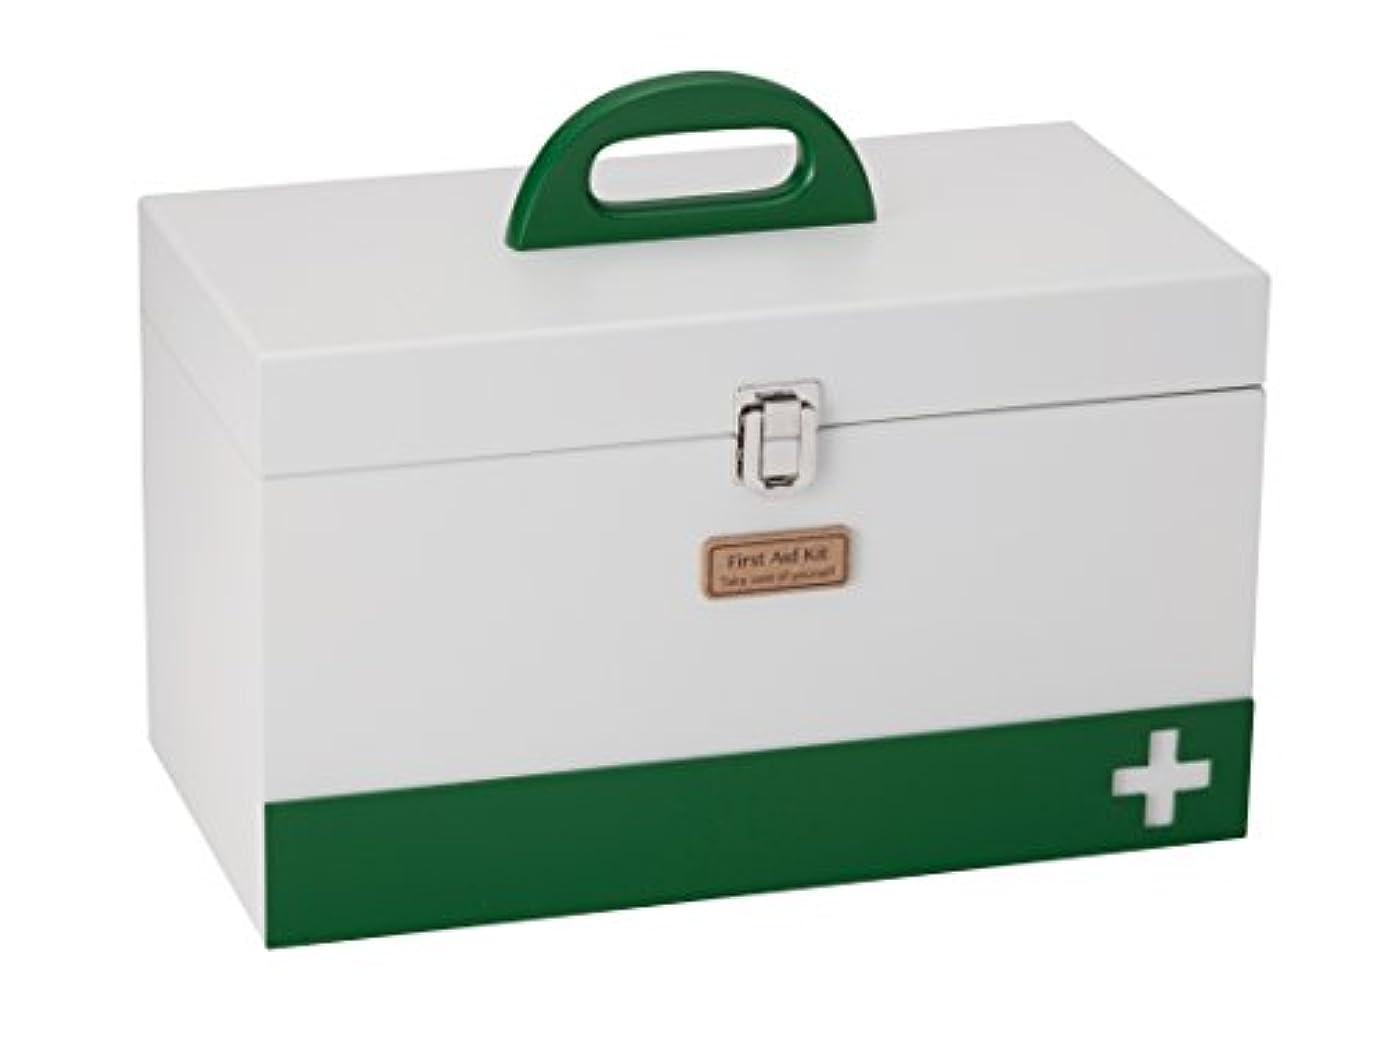 群れ実現可能性具体的にイシグロ デザイン小物 ホワイト 34×25.5×18.4㎝ 救急箱 救急車L 60058